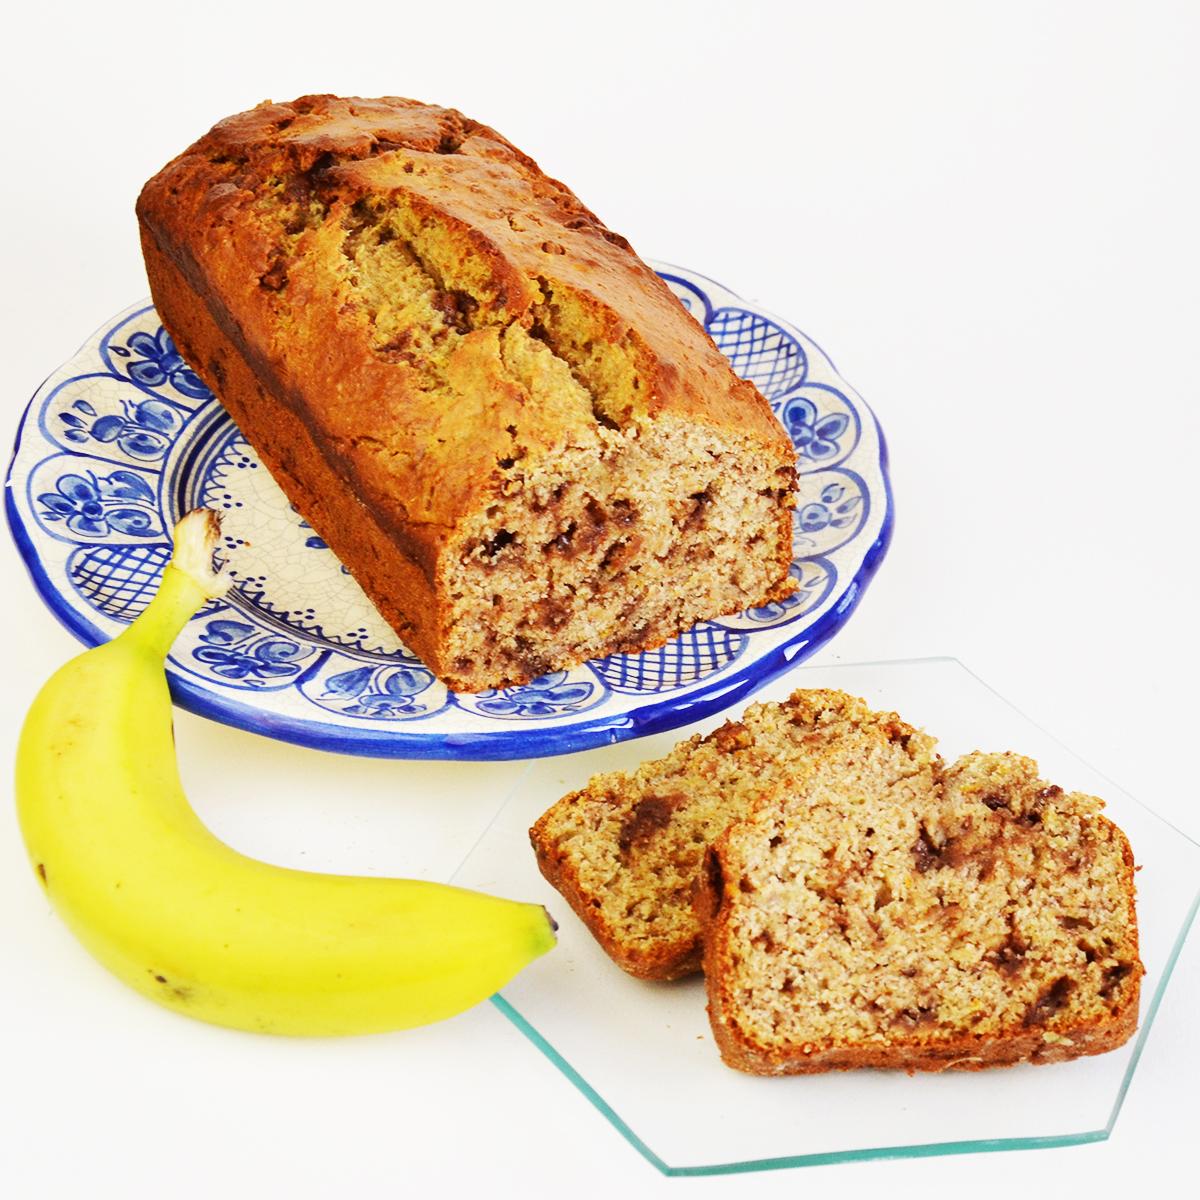 Hai la casa piena di cioccolato? Preparare questa Torta di Banane e Cioccolato è il modo perfetto per usare cioccolato avanzato dalle uova di Pasqua! Trova la ricetta da www.cucicucicoo.com!